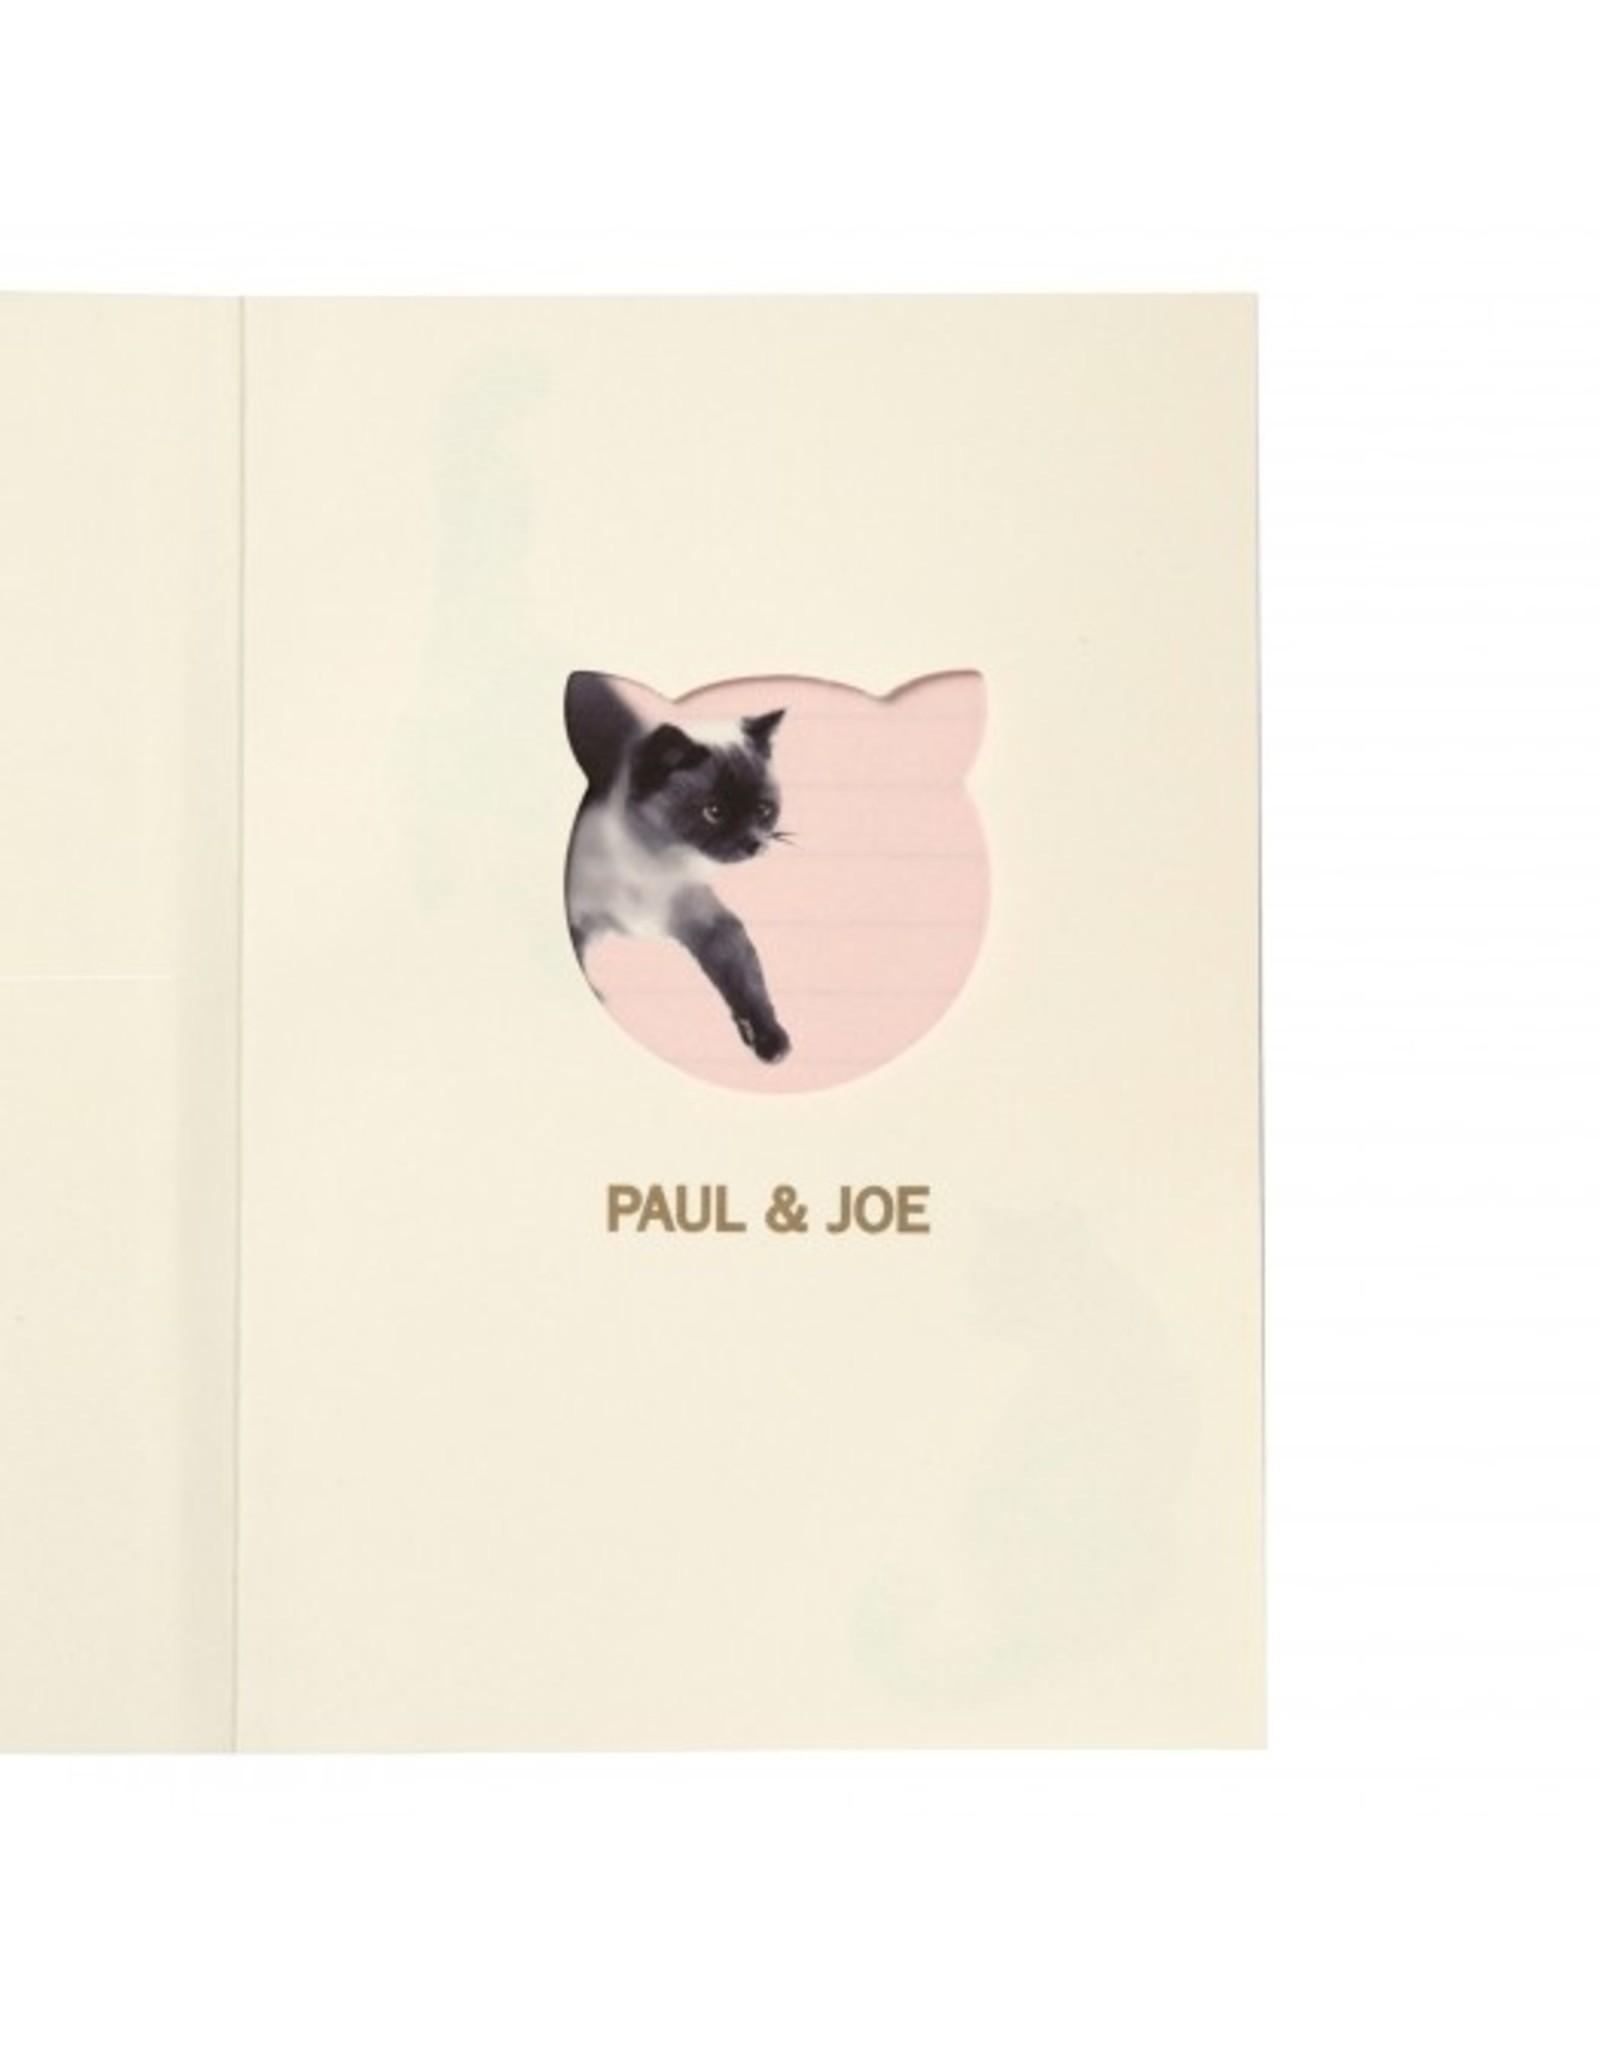 Paul & Joe PAUL & JOE - Notebook A6 - lichtroze zwarte kat